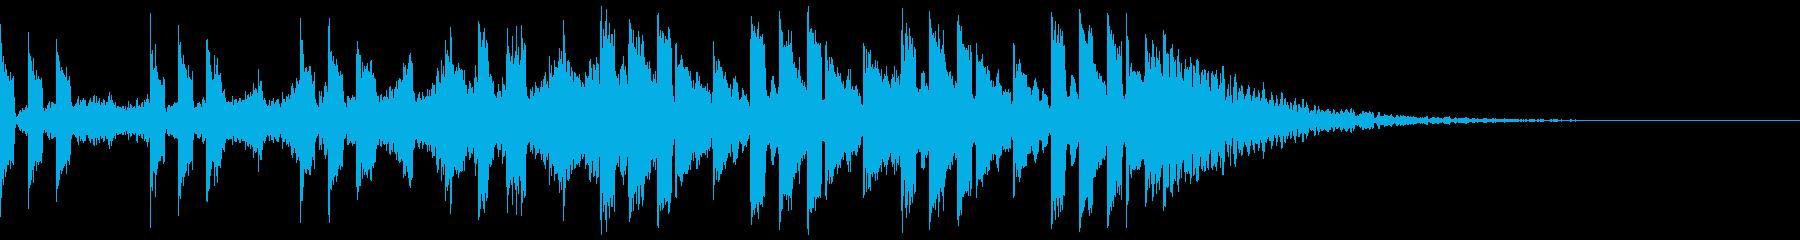 トランス風ジングルの再生済みの波形